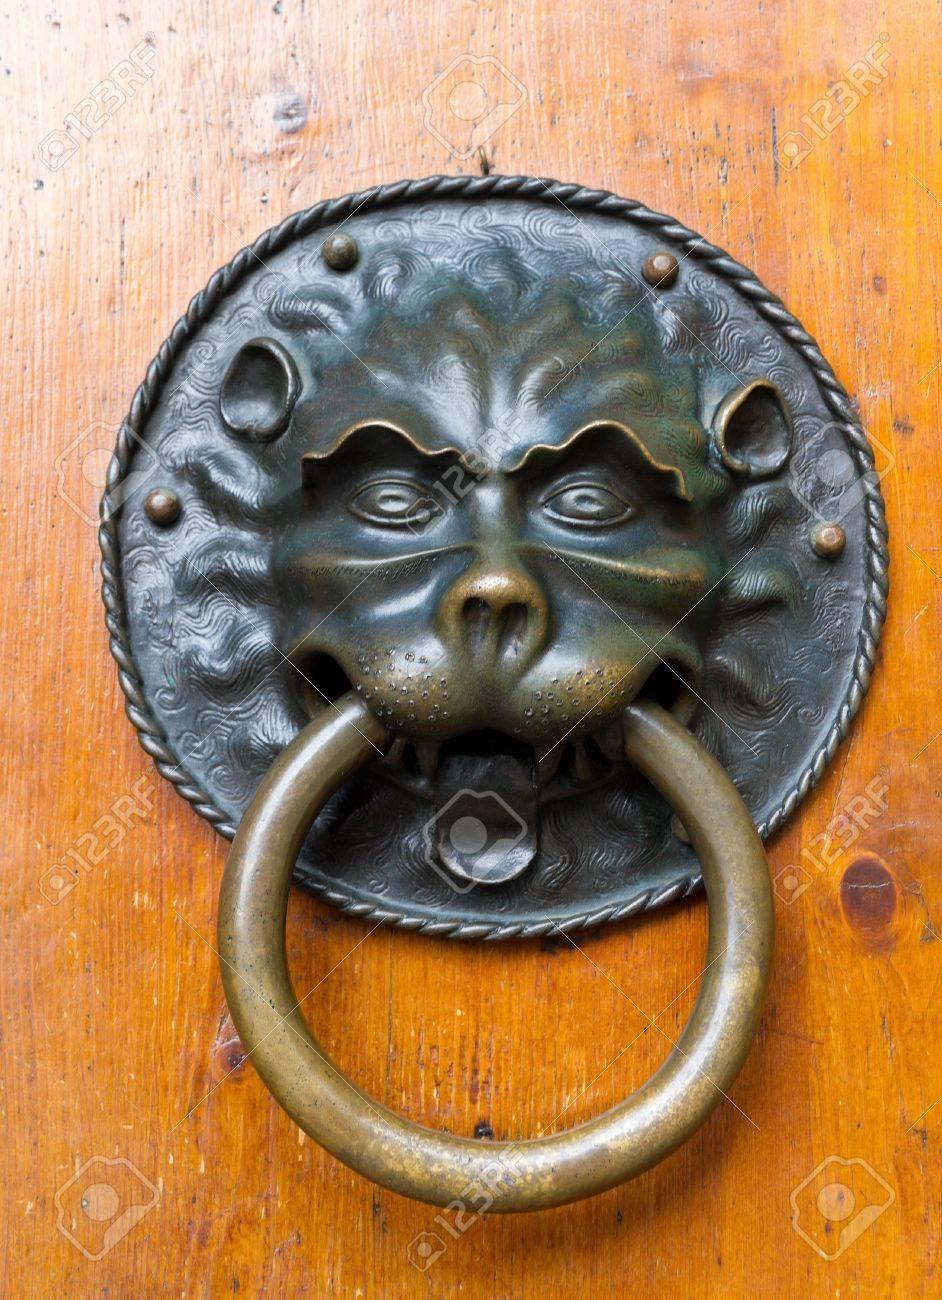 Large Vintage Lion Shaped Metal Ring Door Knocker Stock Photo   16851651